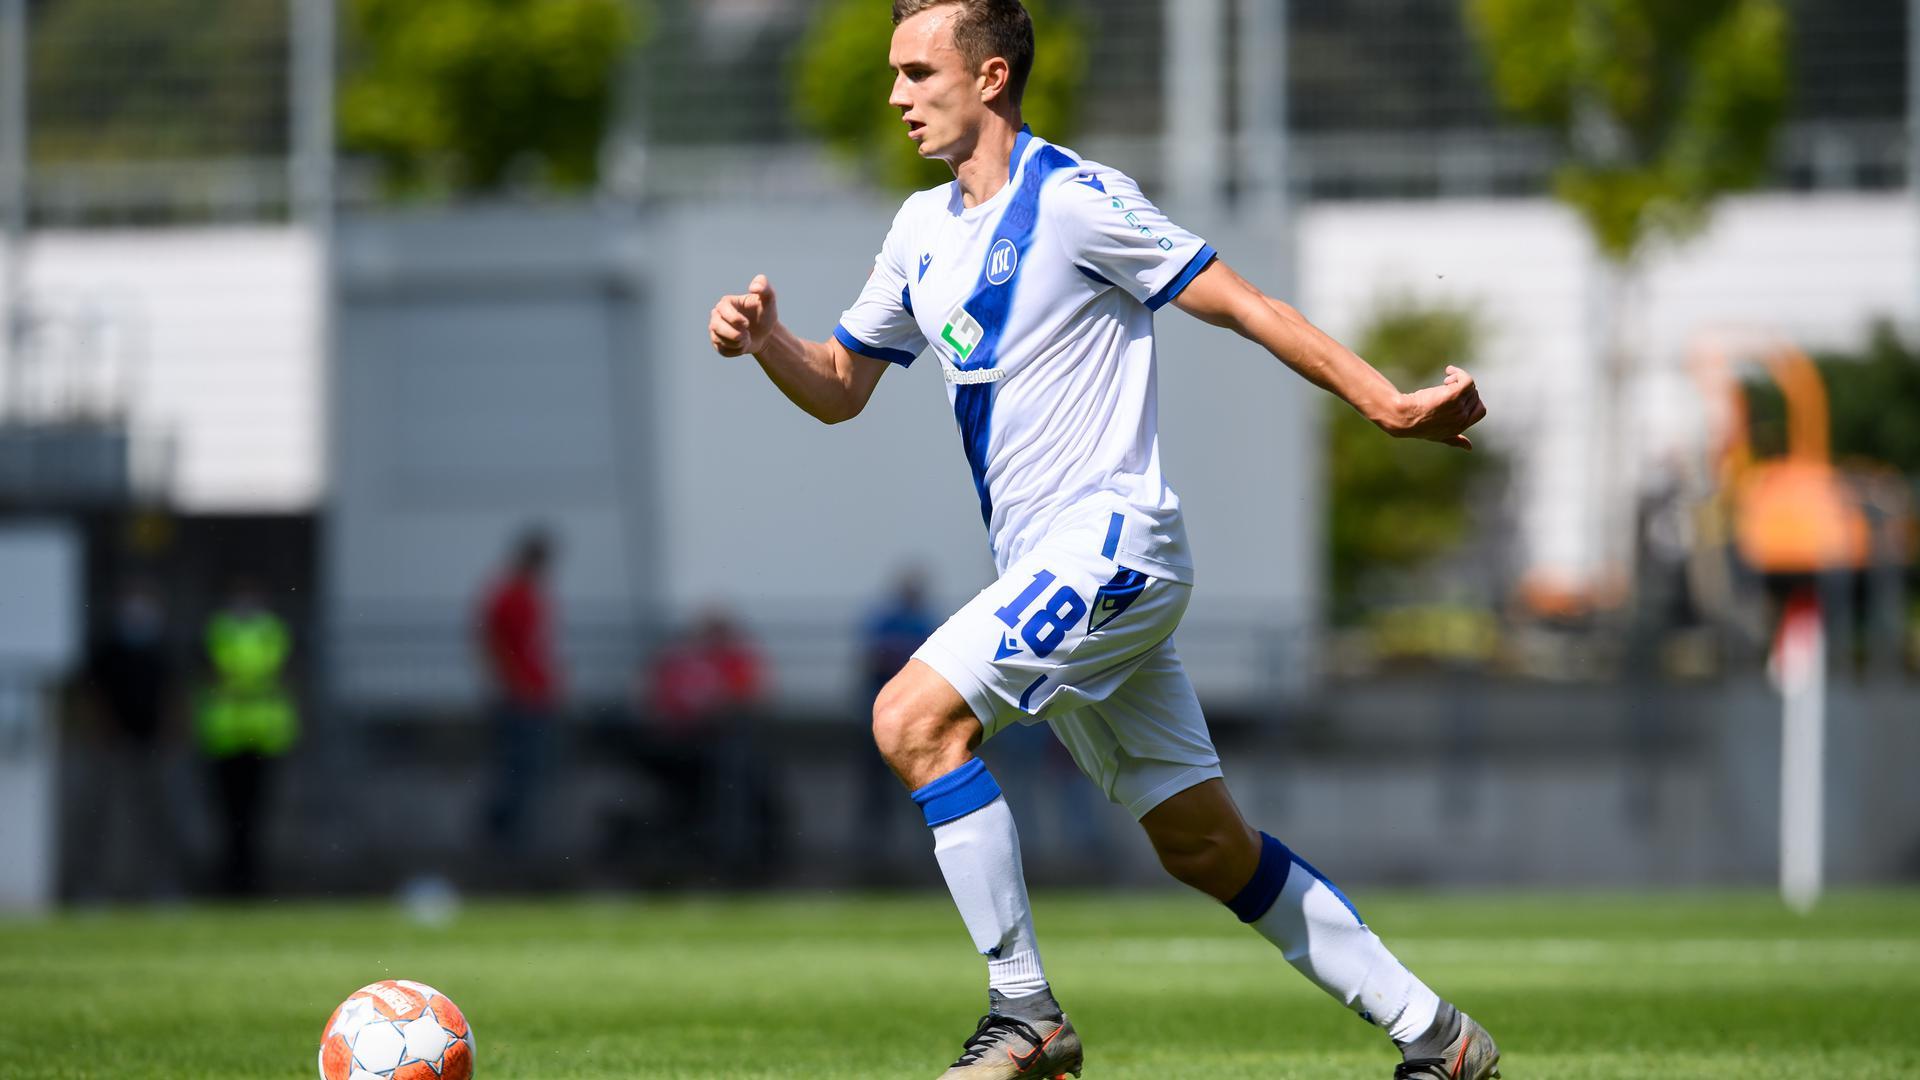 Einstand im KSC-Trikot: Im torlosen Testspiel des KSC gegen den FSV Mainz 05 durfte sich Kilian Jakob eine Stunde lang zeigen.